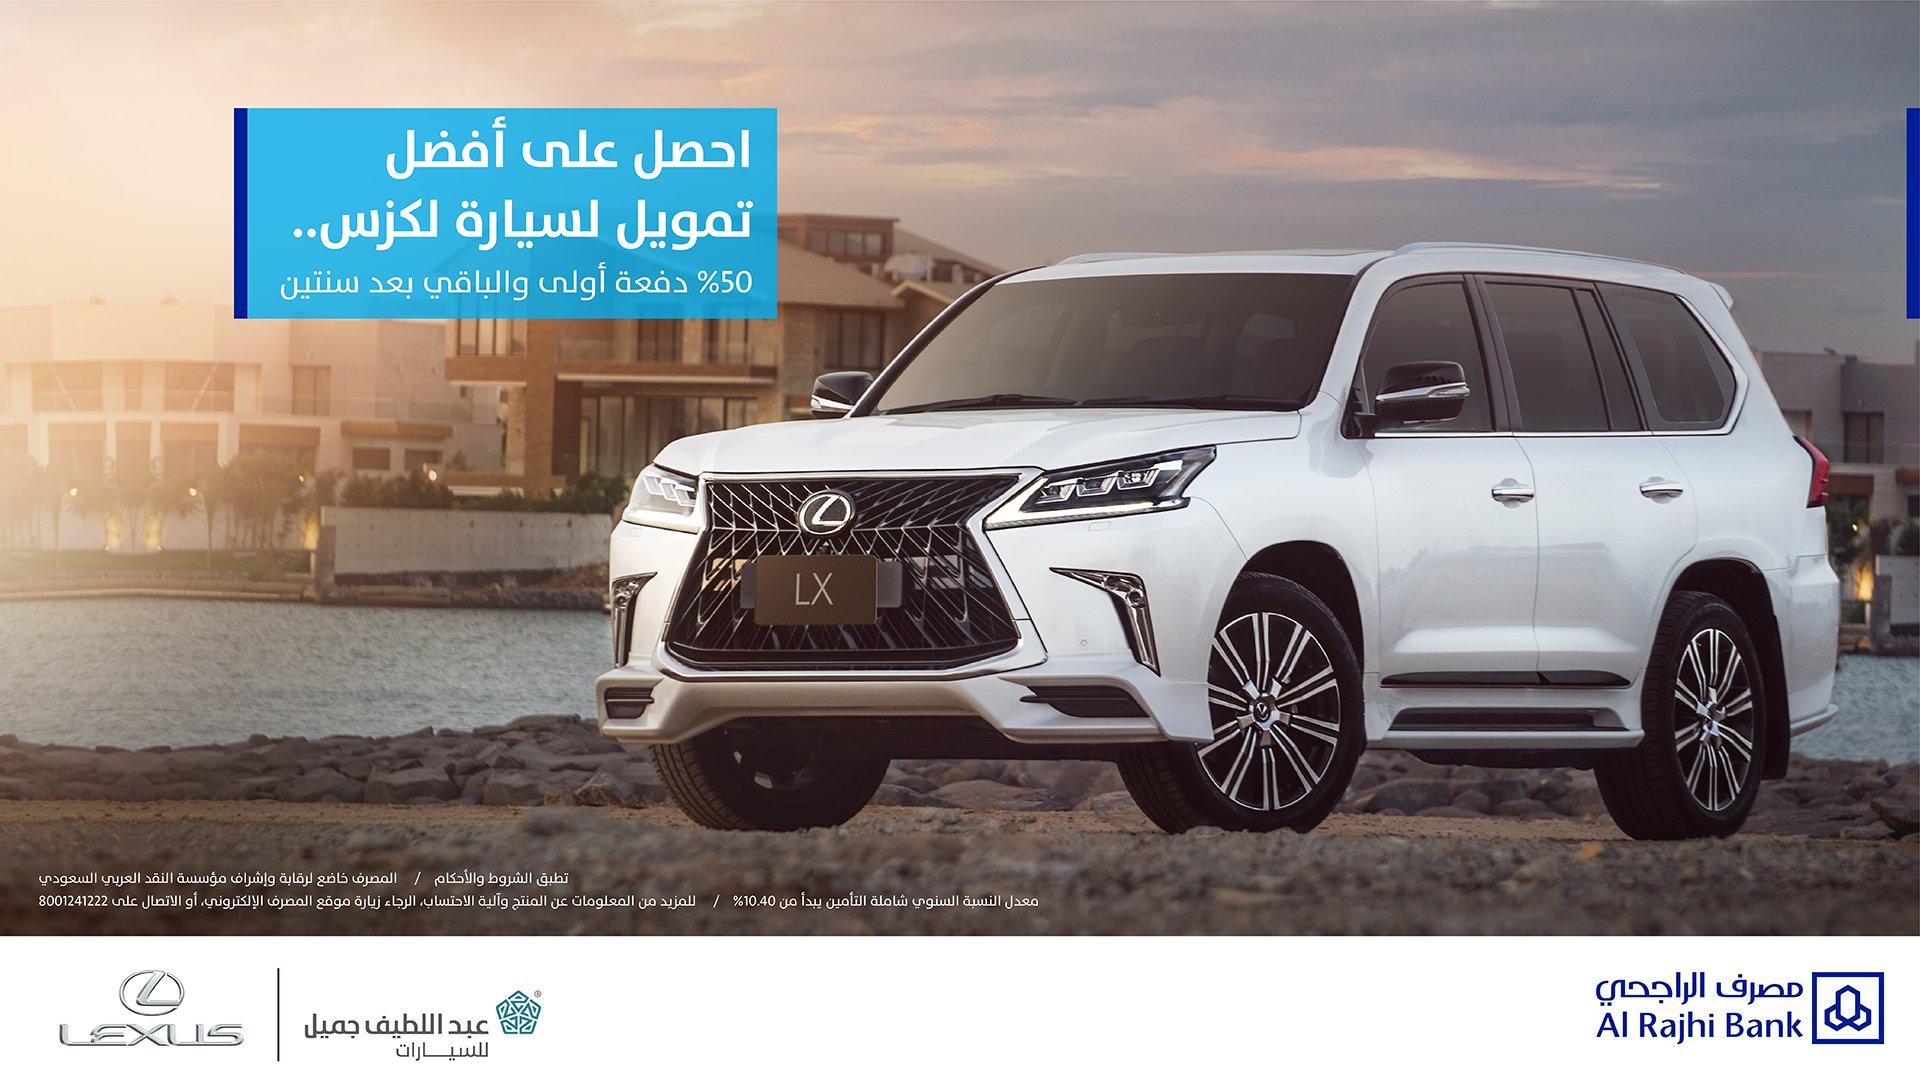 عروض تمويل مصرف الراجحي وعبداللطيف جميل على لكزس السيارات الموقع العربي الأول للسيارات